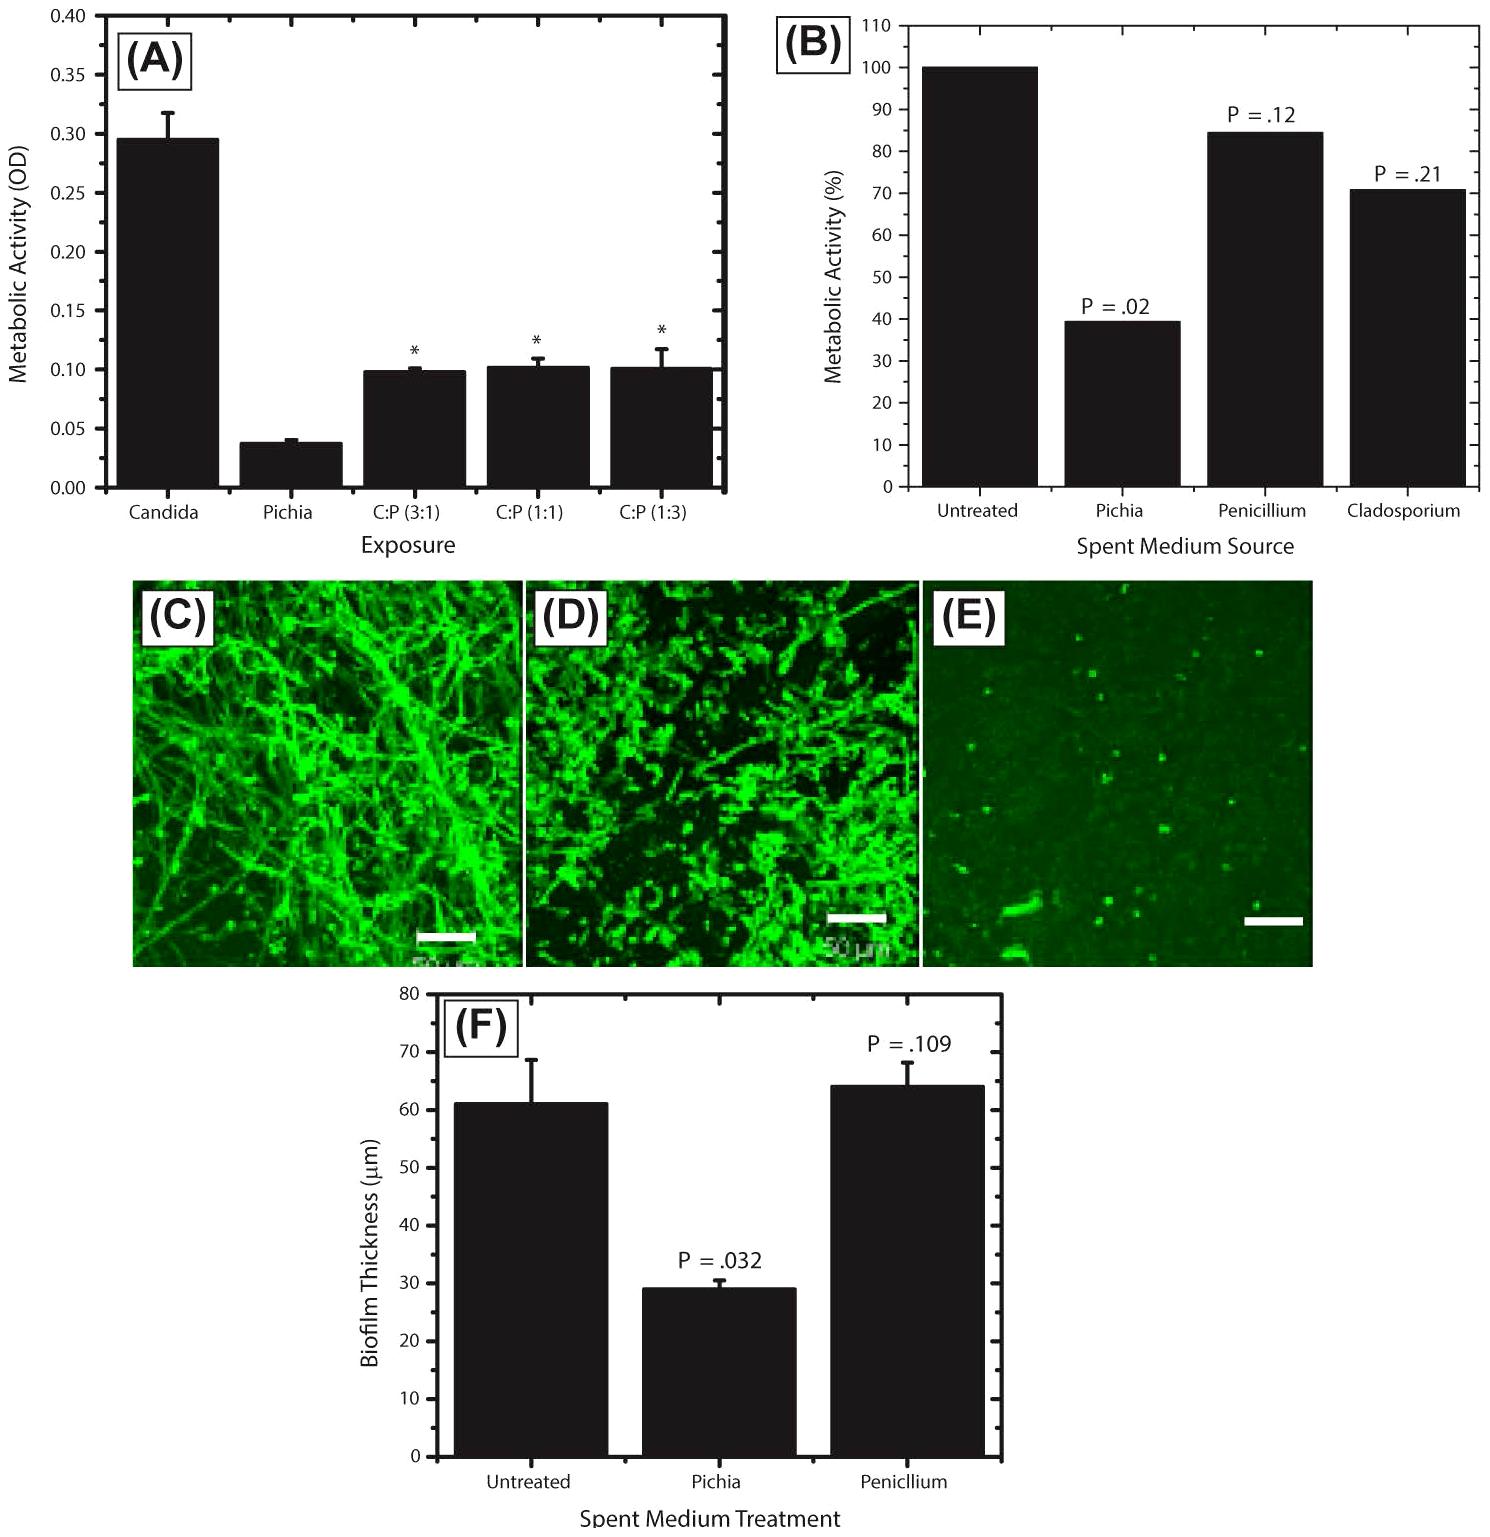 Activity of <i>Pichia</i> spent medium (PSM) against fungal biofilms.